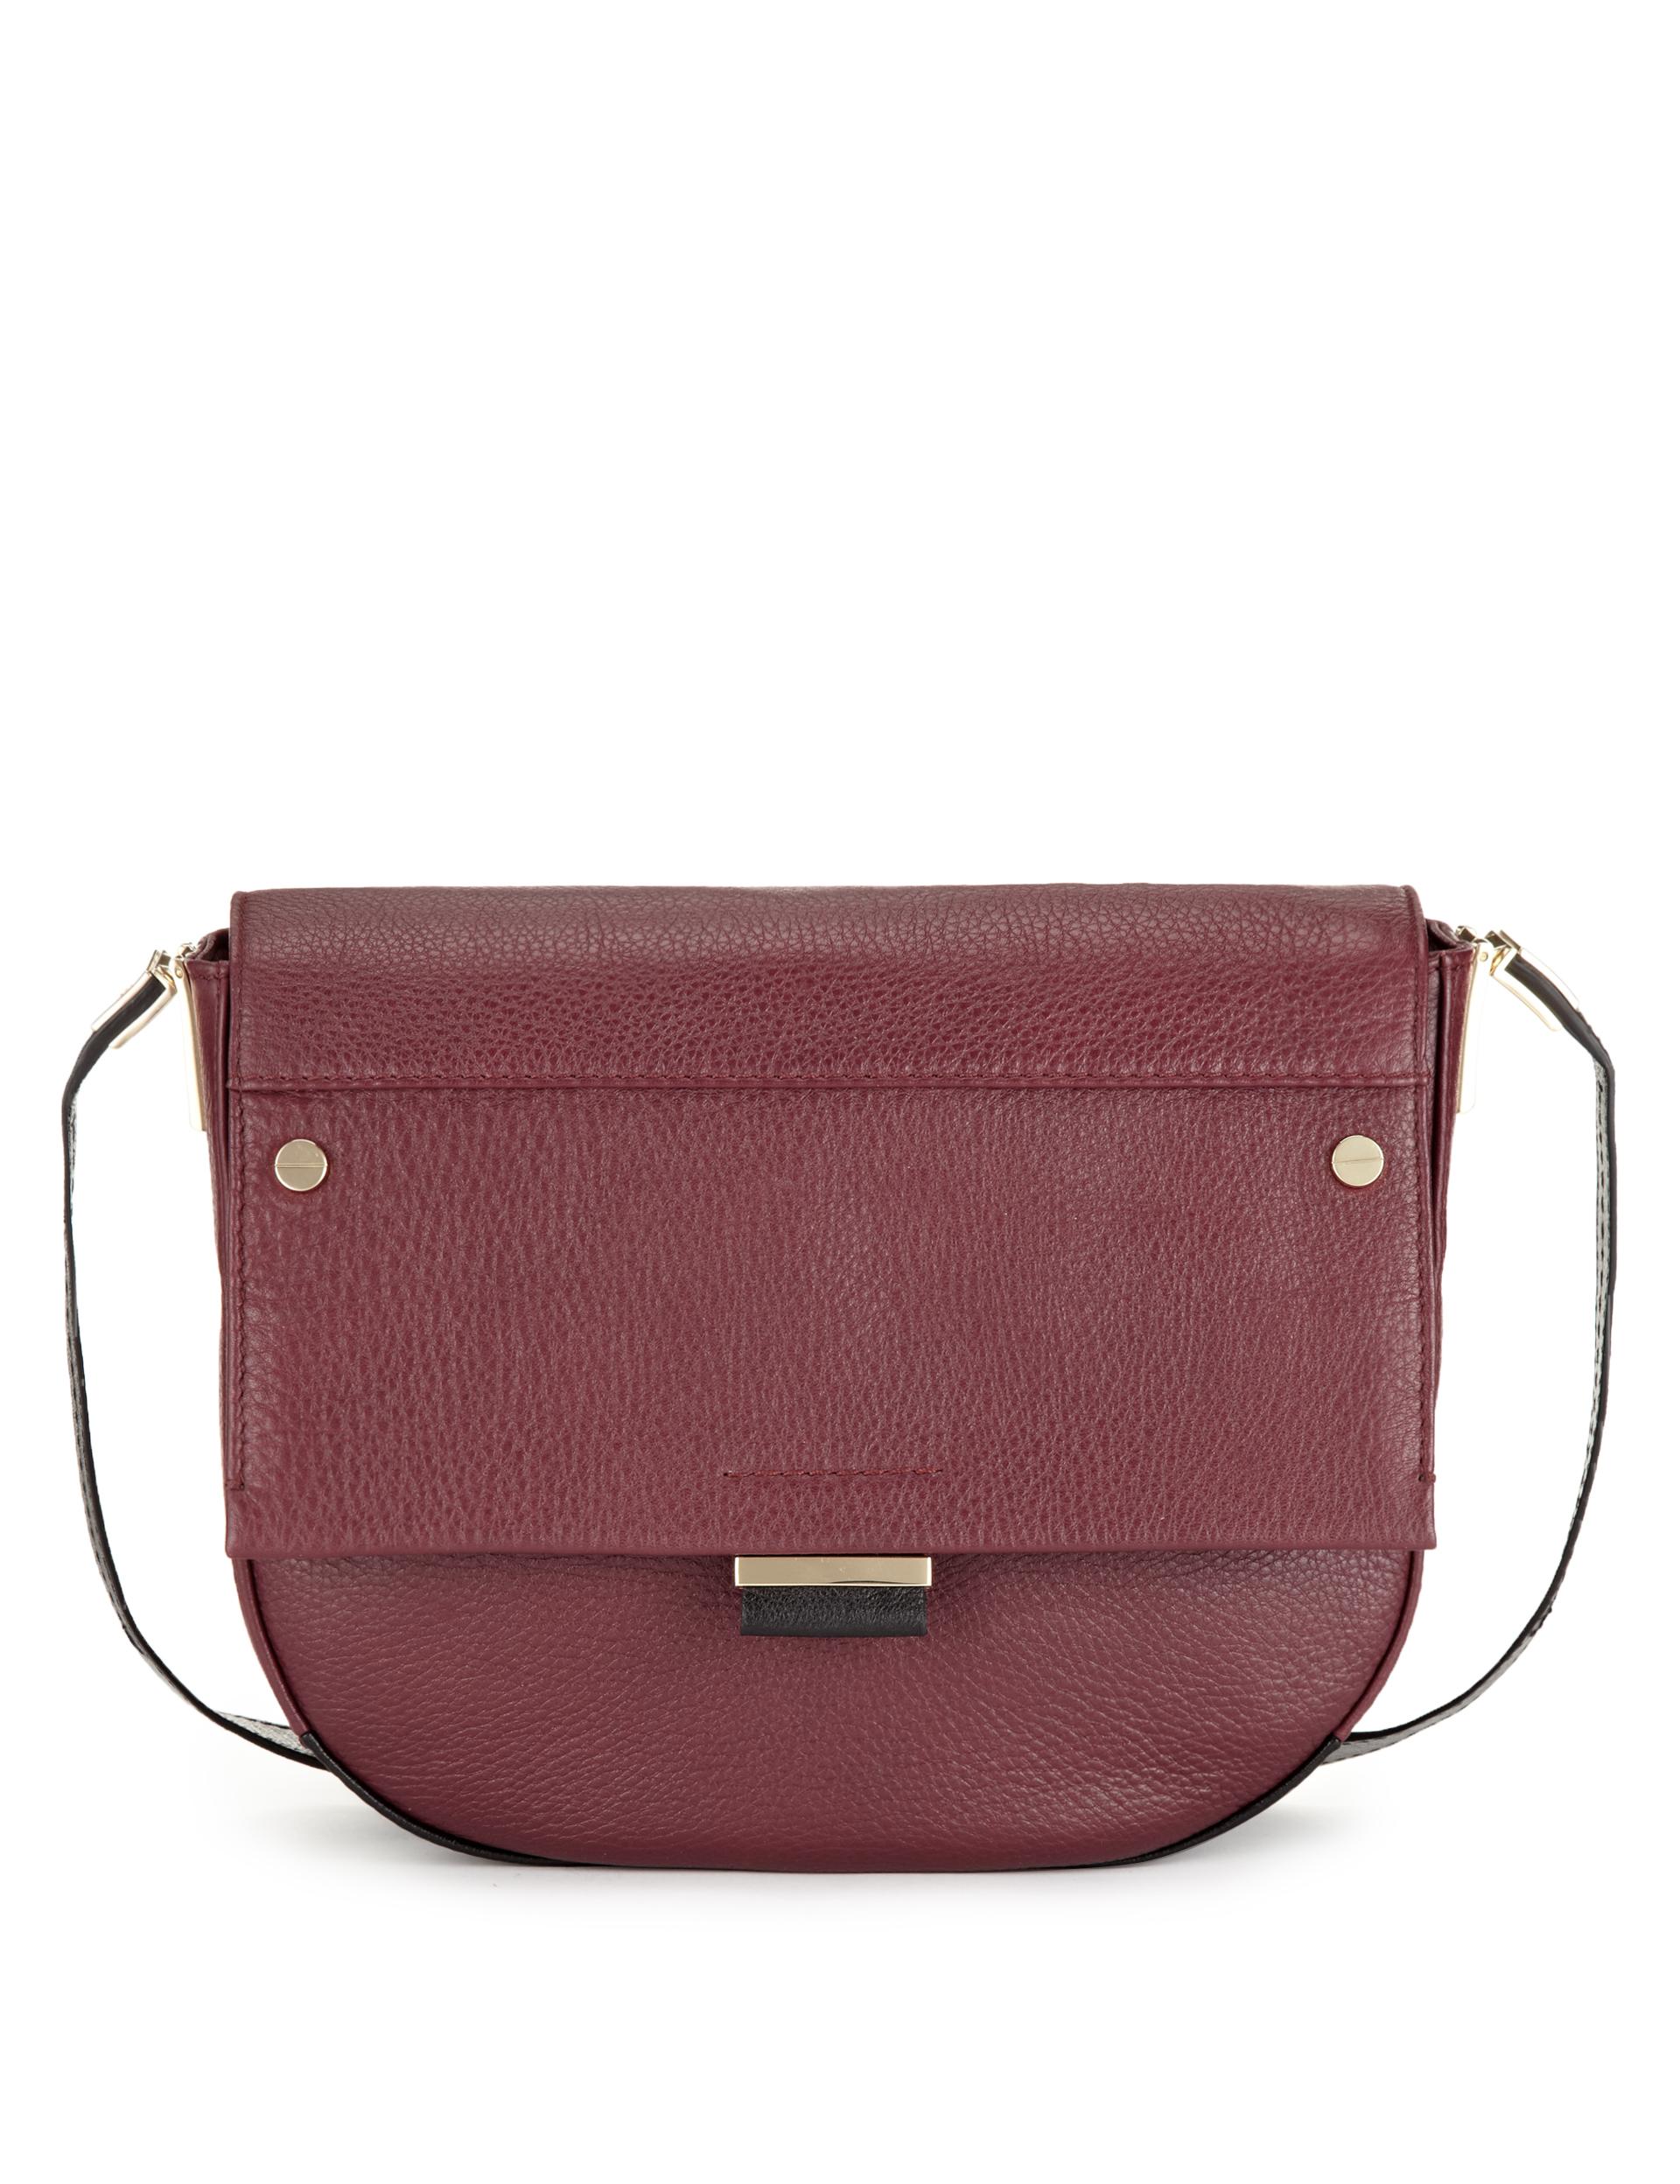 044e9e78cab 10 seriously stylish new season handbags from Marks and Spencer ...